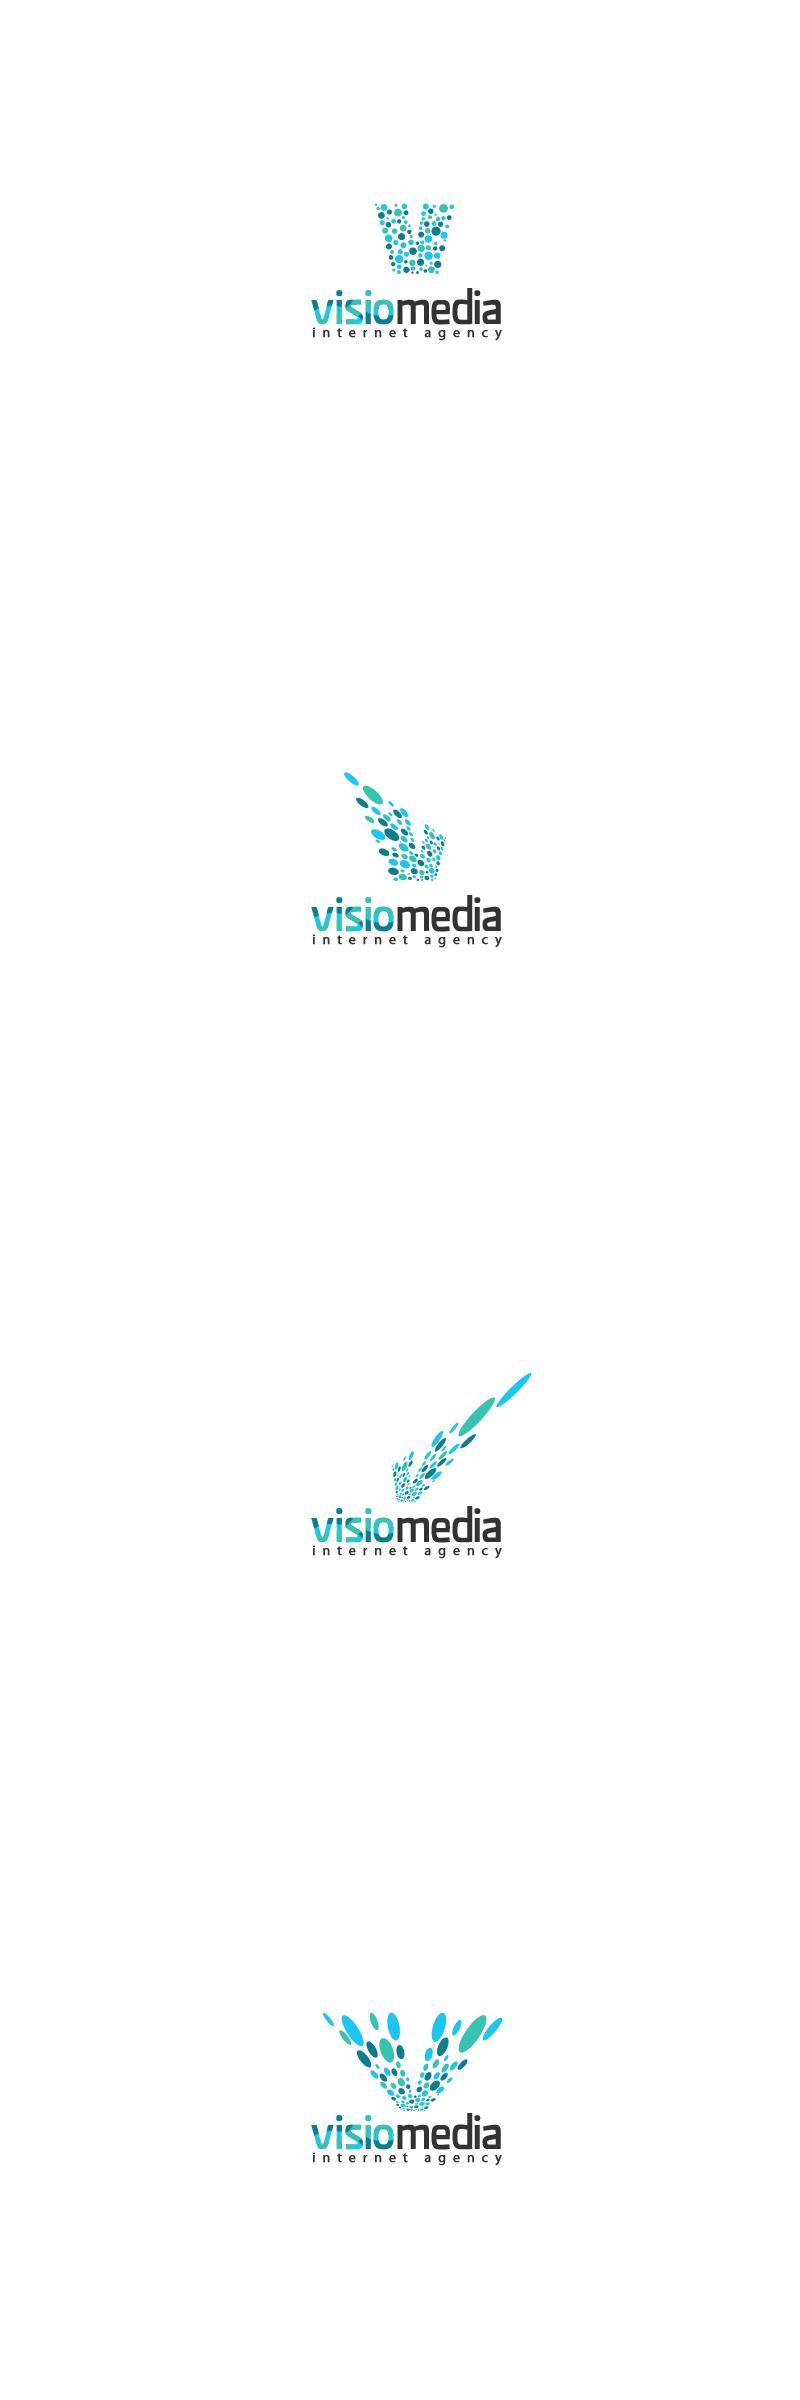 visiomedia logo - Logo options by okiz